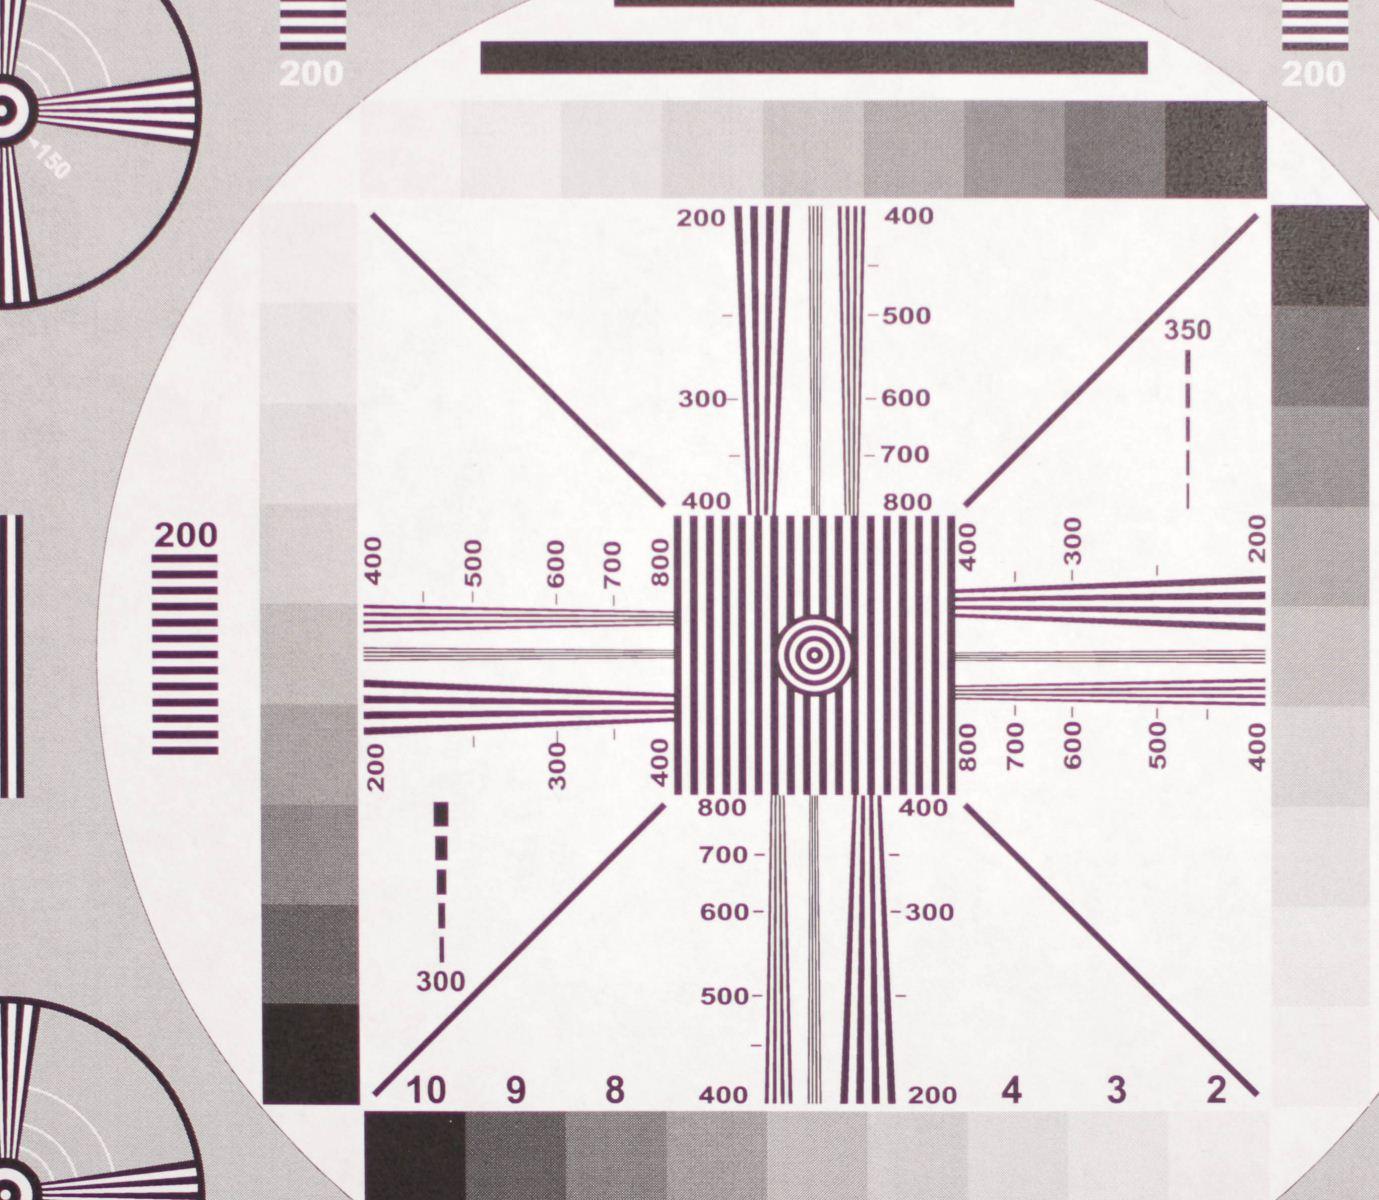 rokinon 35mm lens chart sharpenss test